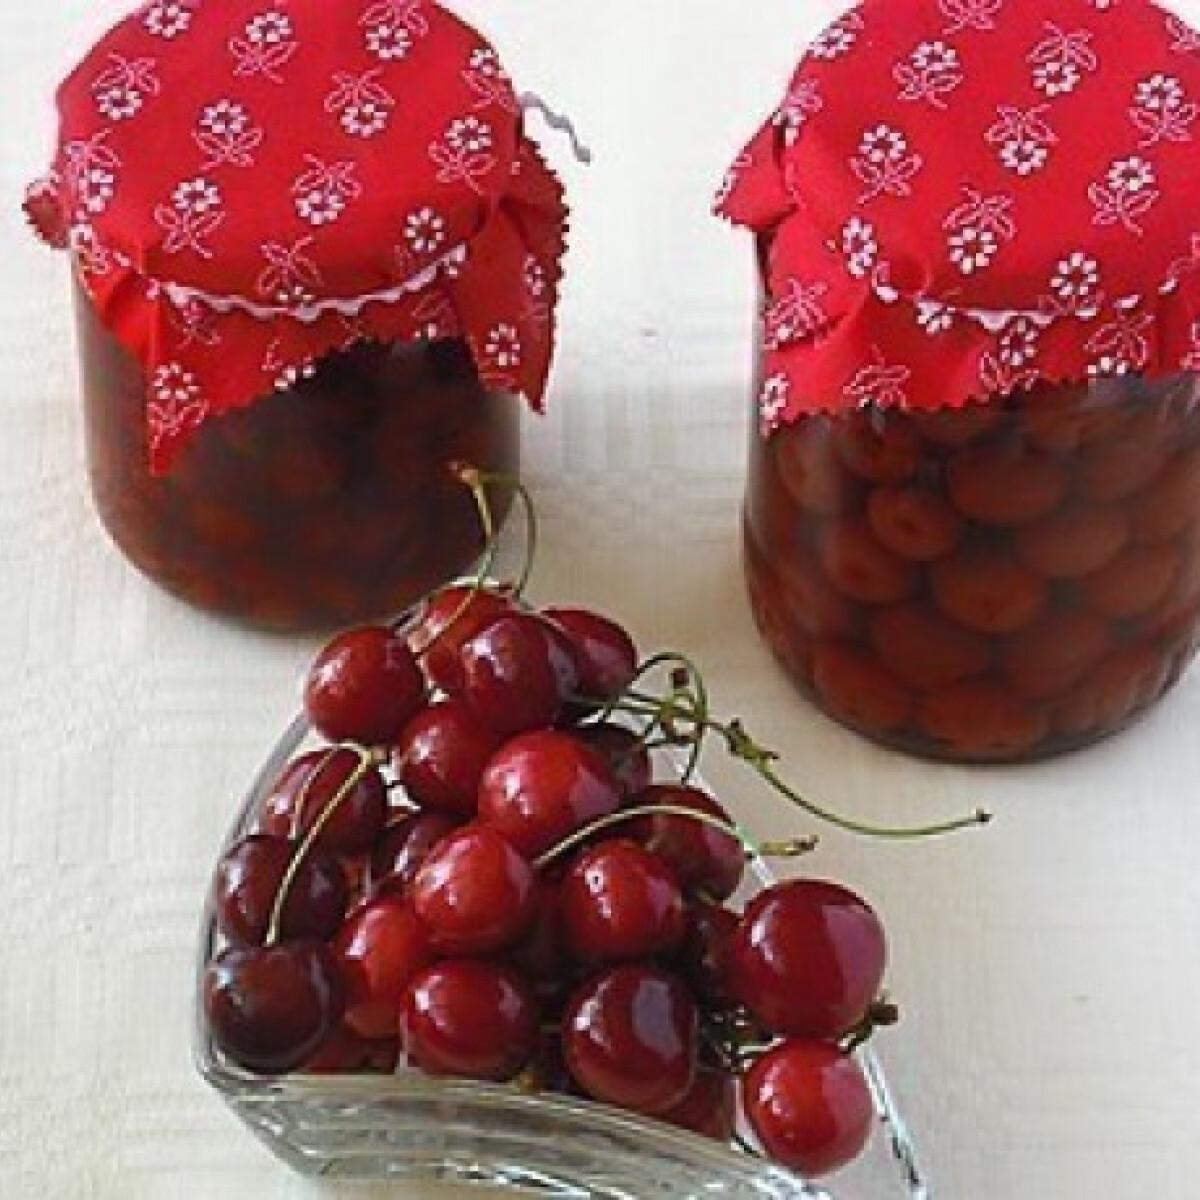 Ezen a képen: Cseresznyebefőtt 3. - változatok télire